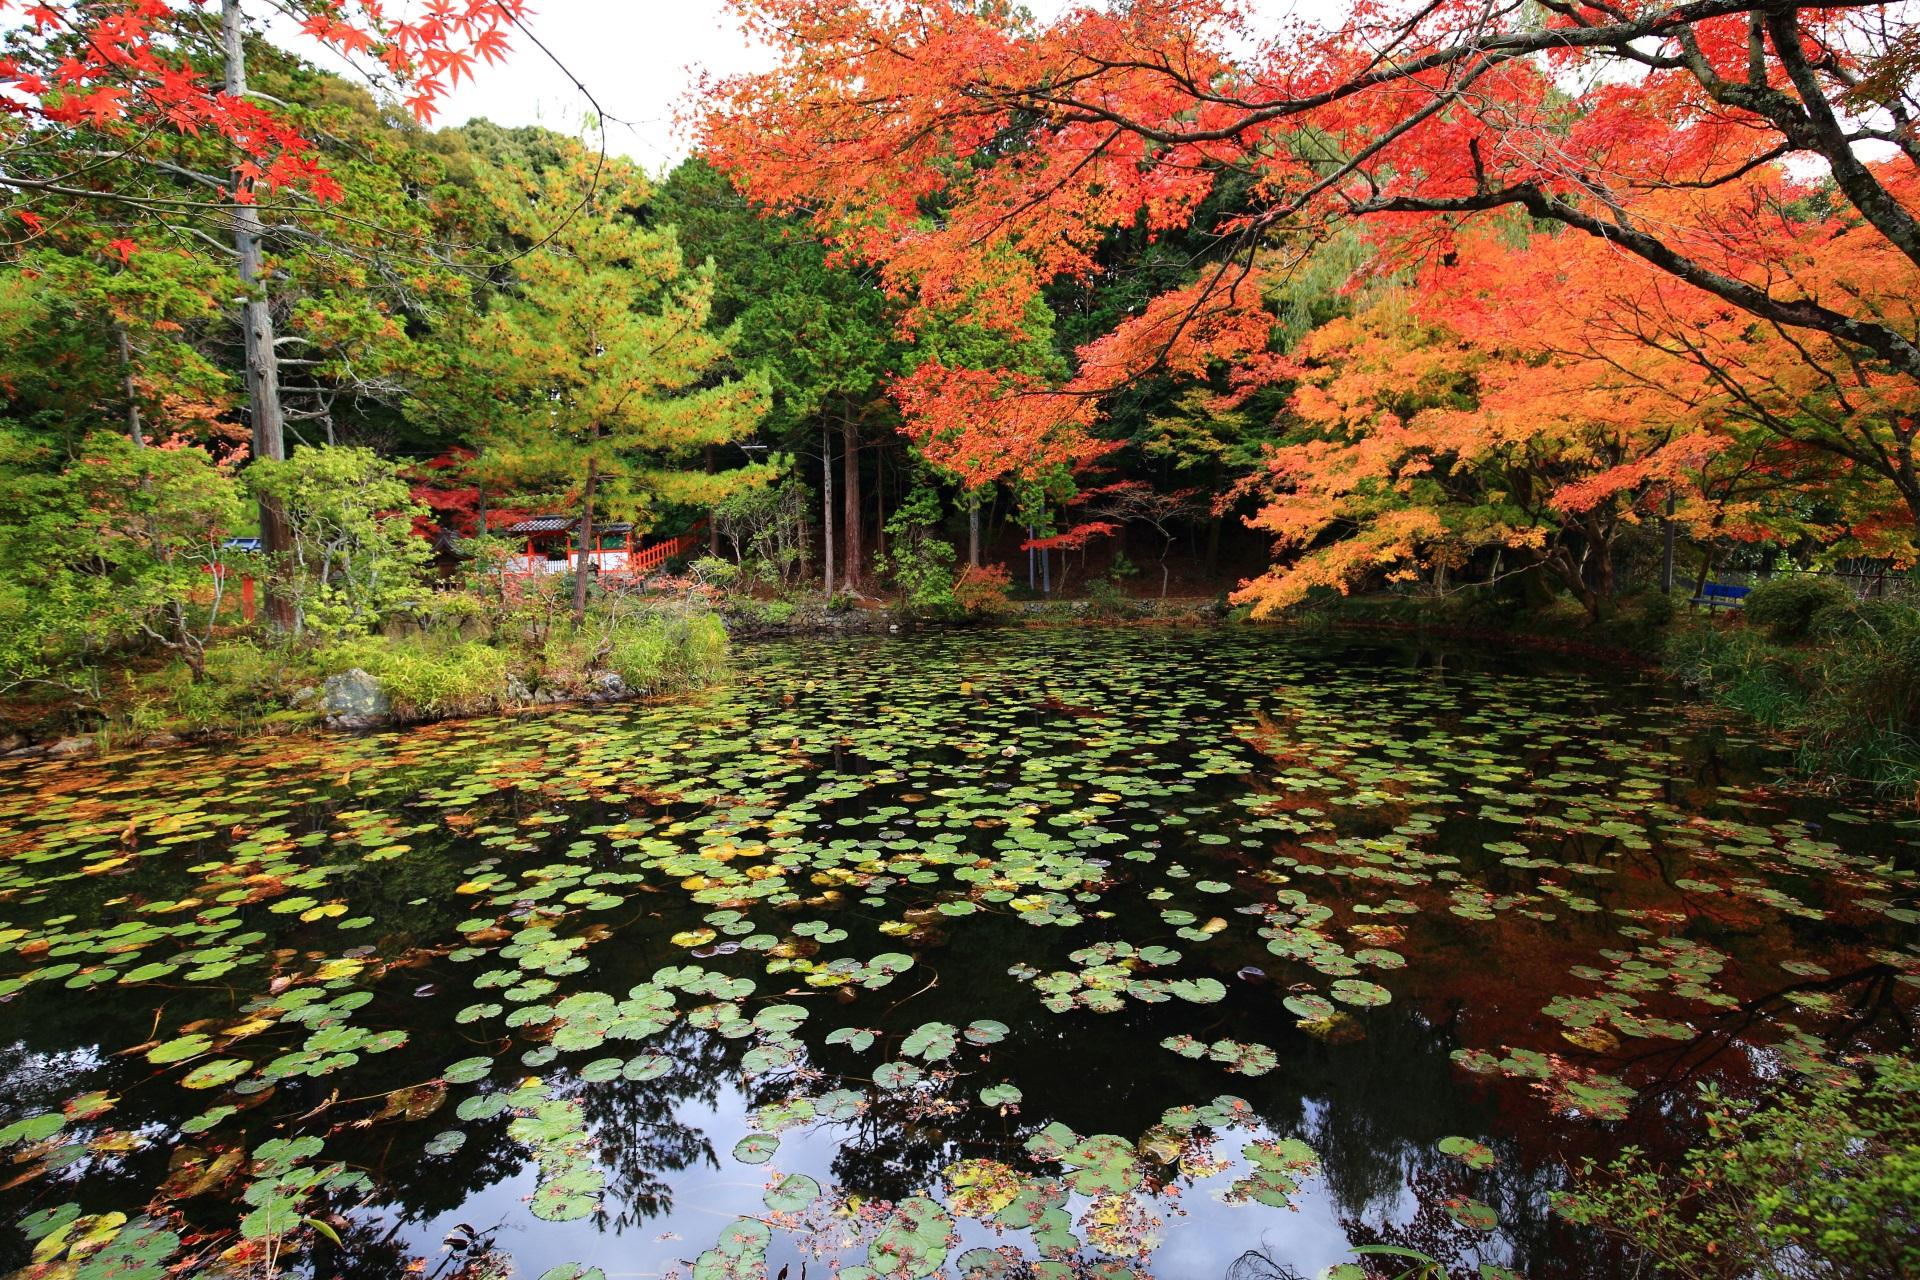 淡い緑や水辺を華やぐオレンジや赤の鮮やかな紅葉